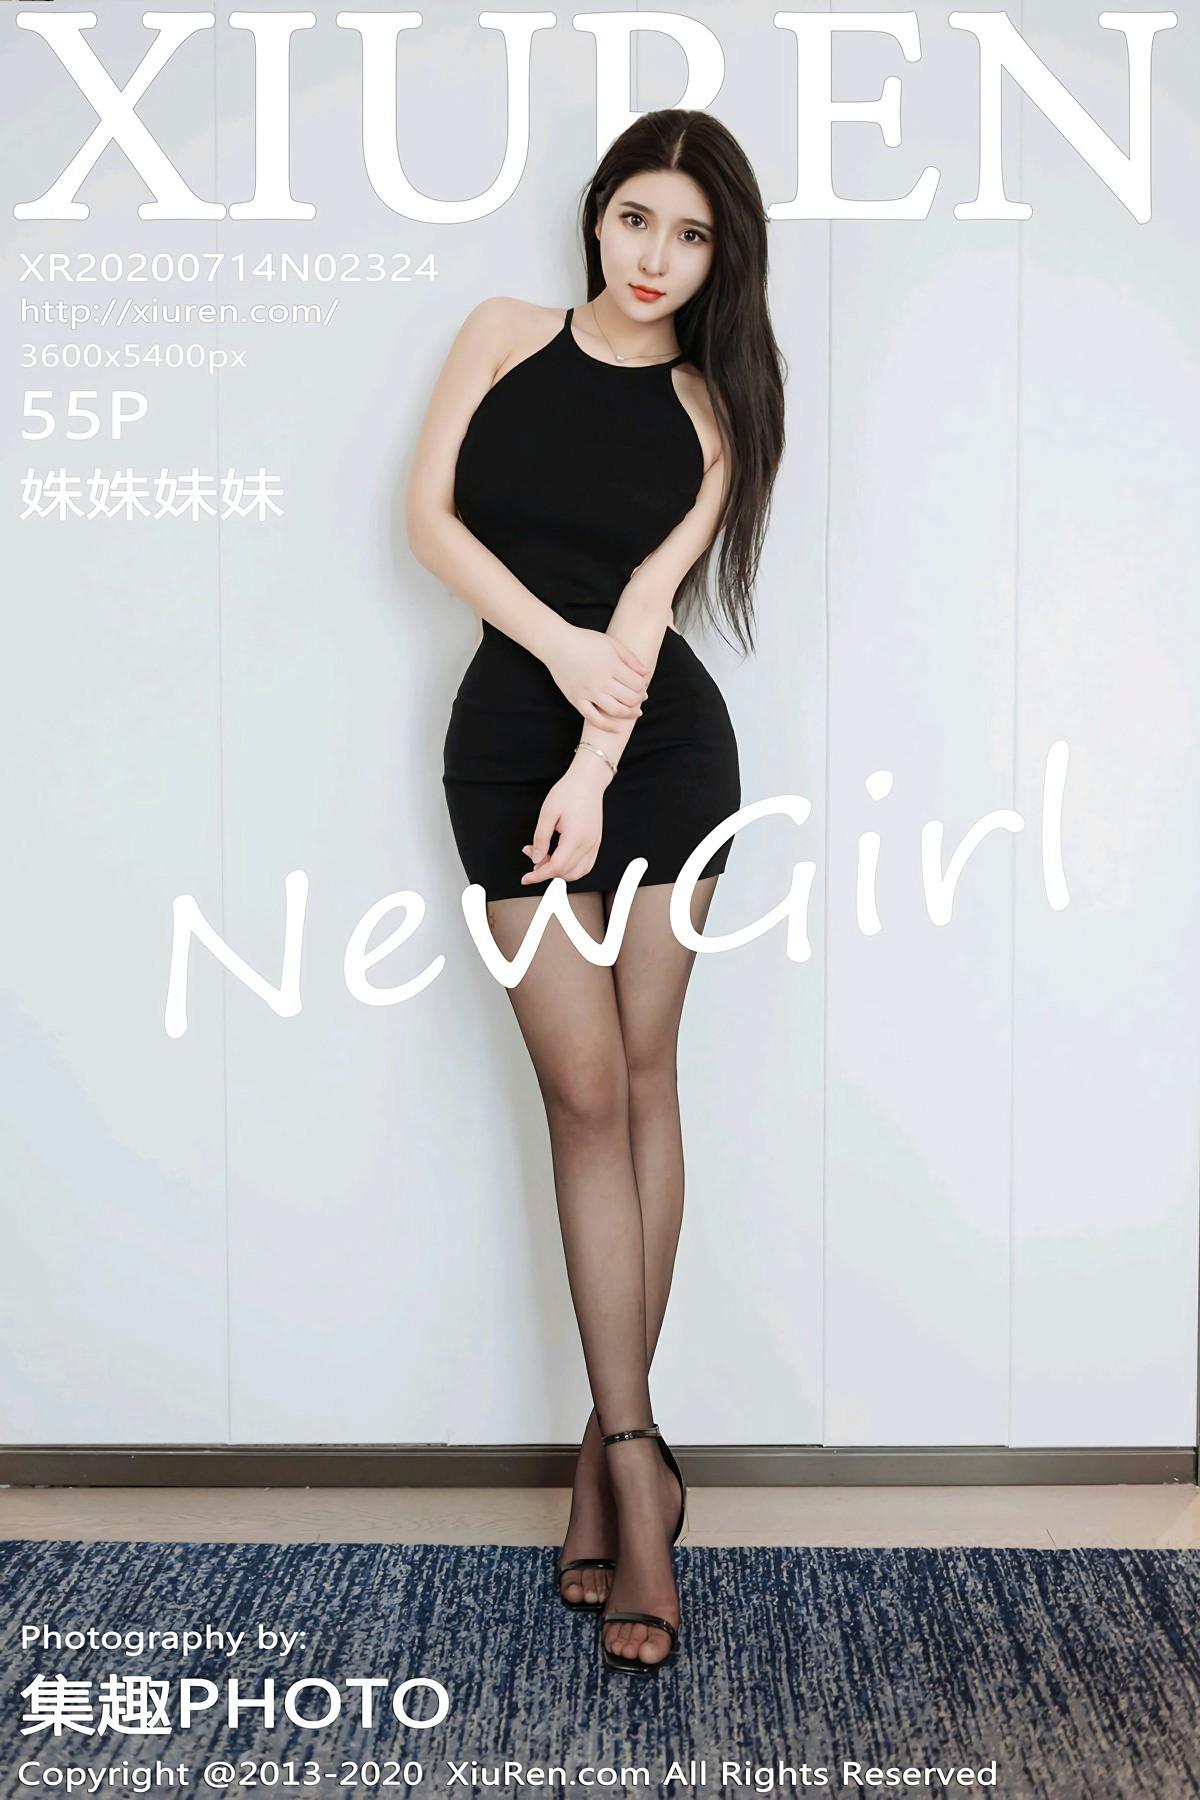 [XiuRen秀人网] 2020.07.14 No.2324 蛛蛛妹妹 第1张